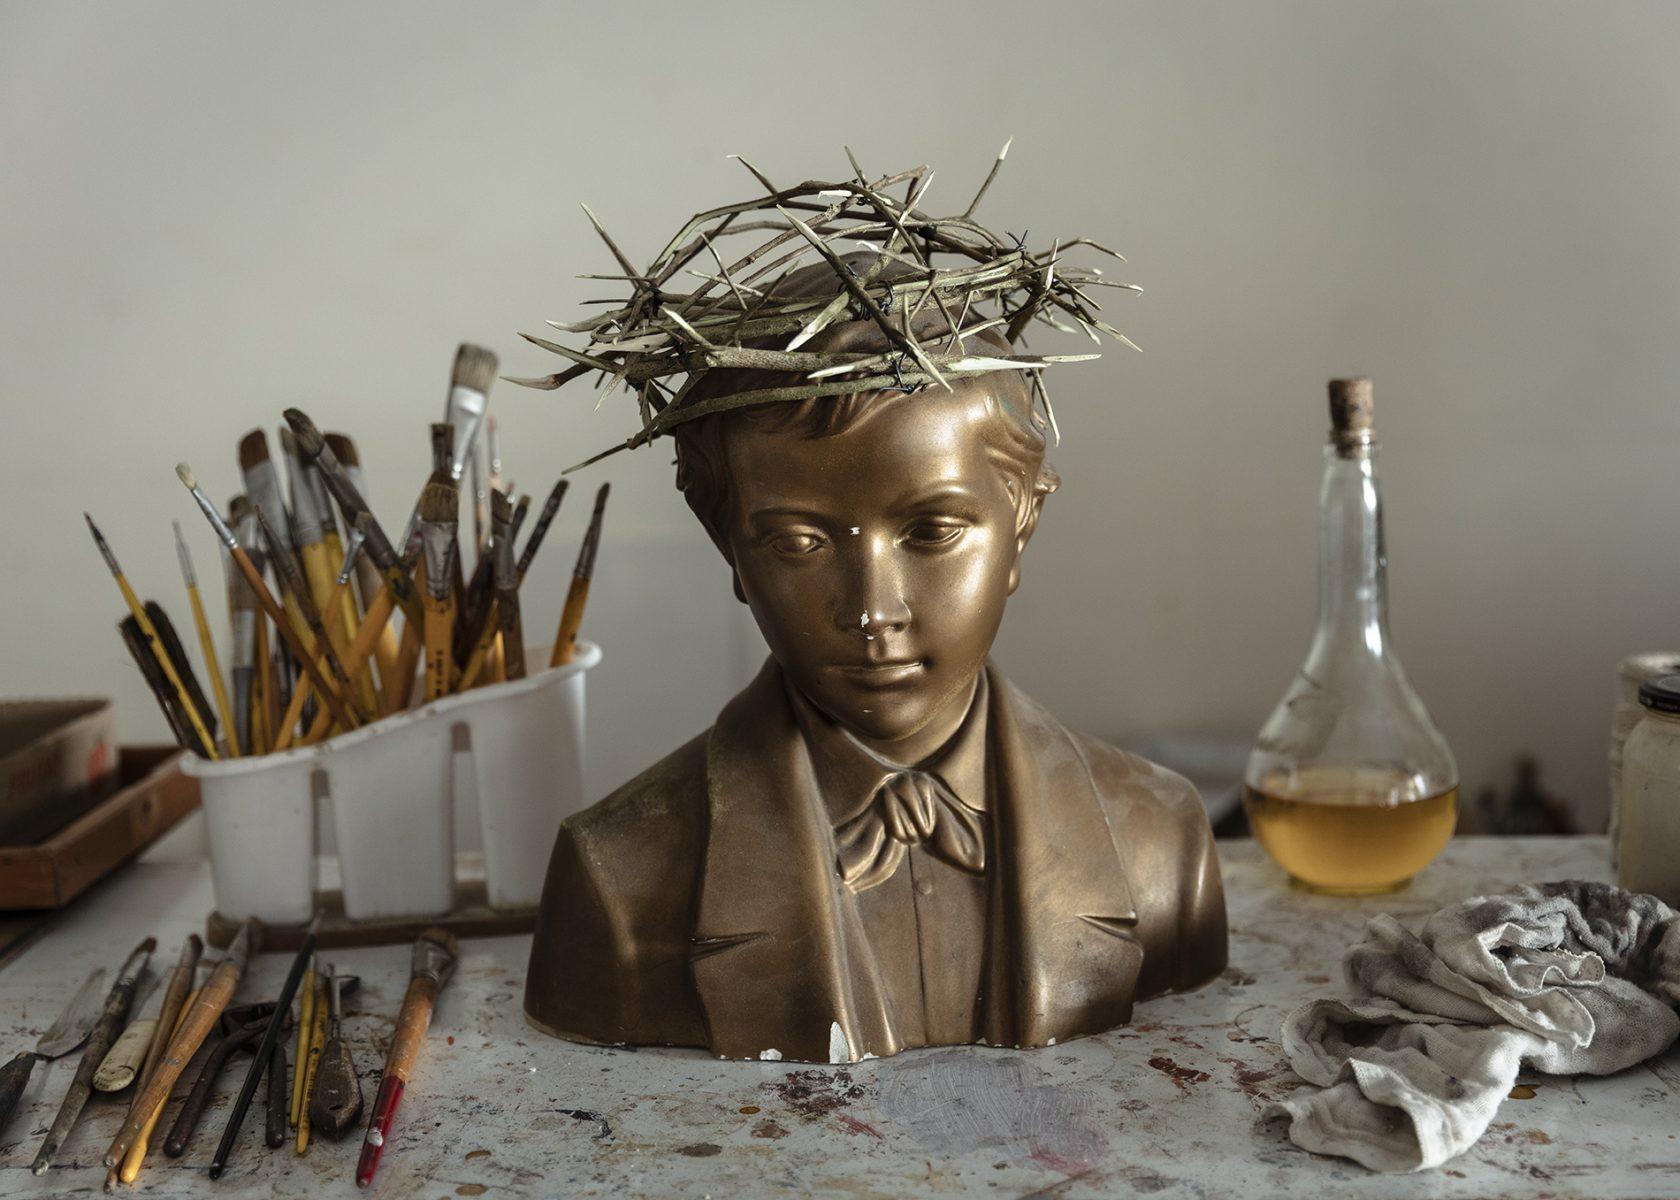 Photo couleur par Gui Christ, modèle avec couronne d'épines, pinceaux, São Paulo